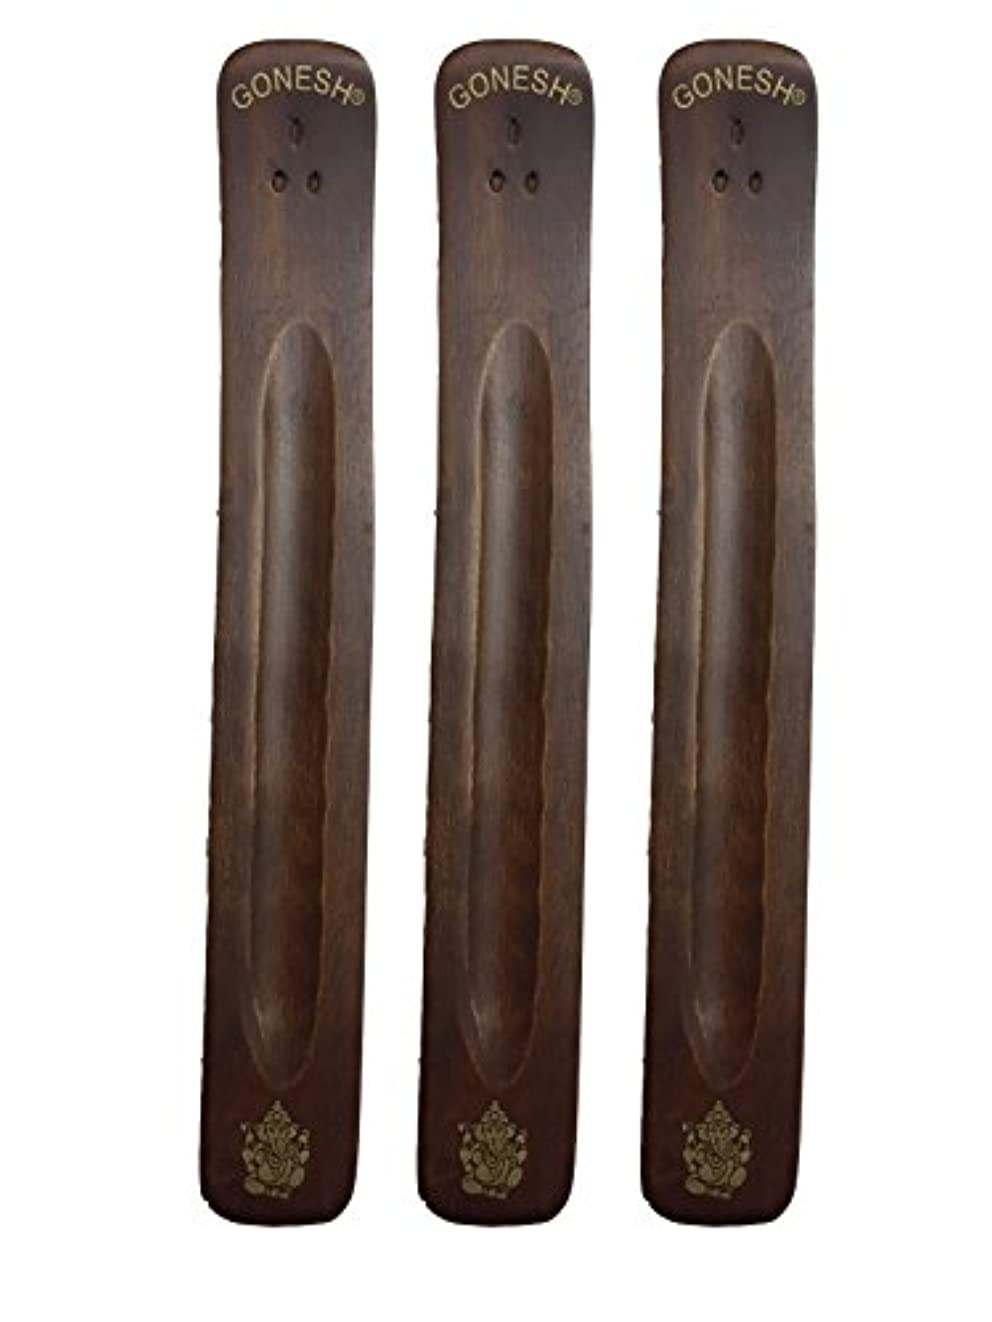 プランテーション恨み逸脱3パックGonesh Incense Burner ~ Traditional Incense Holder with Inlaidデザイン~約11インチ、のさまざまなデザイン